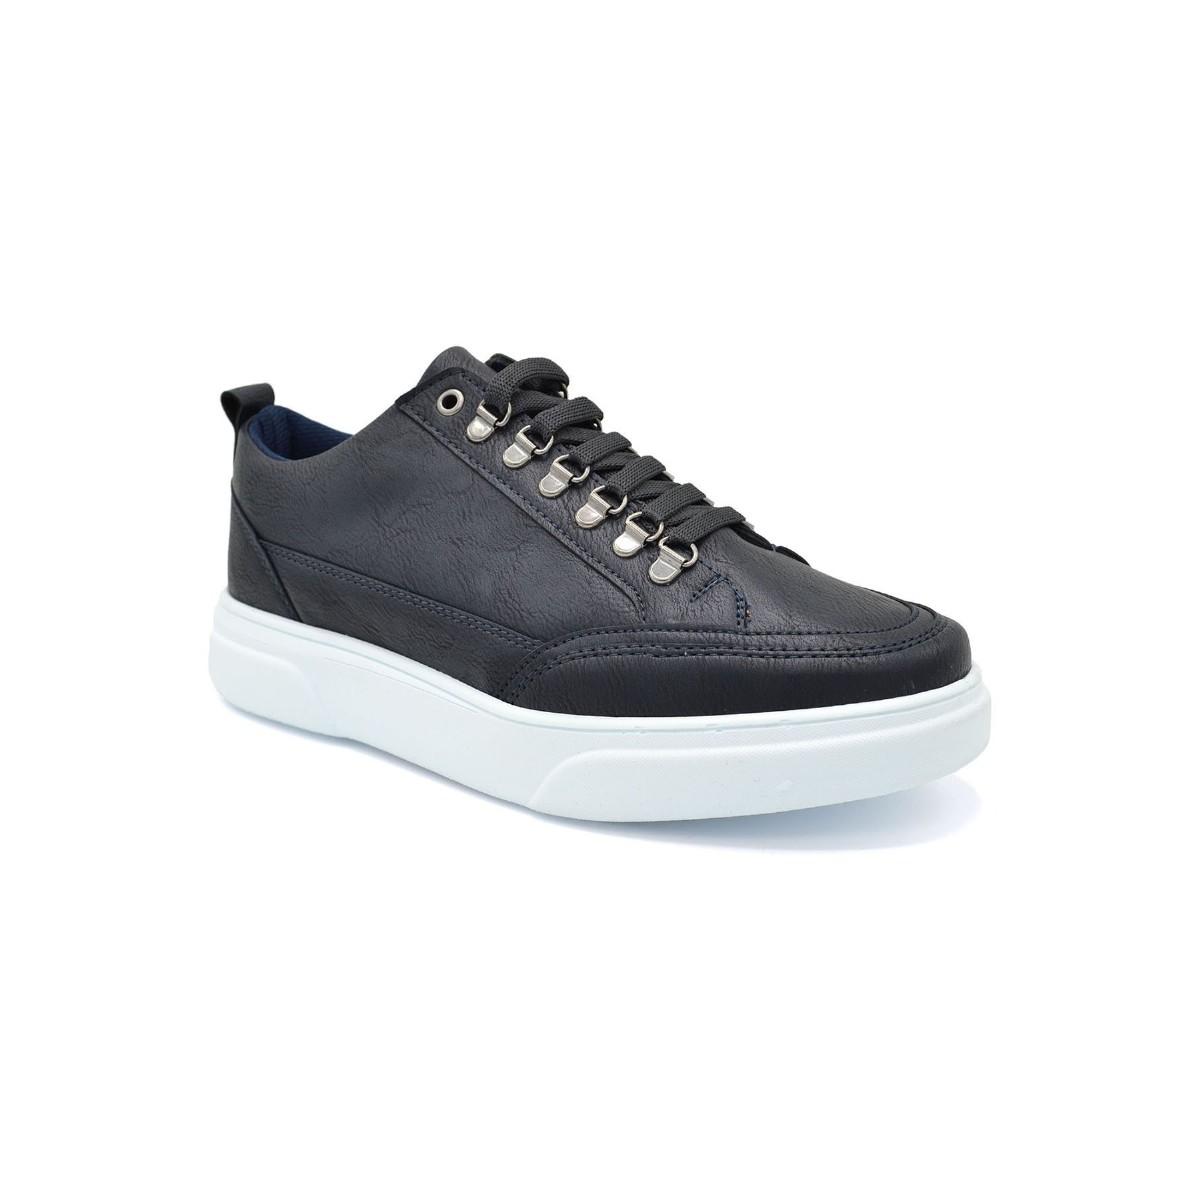 L.A. Polo 104 Lacivert Renk Beyaz Taban Erkek Spor Ayakkabı